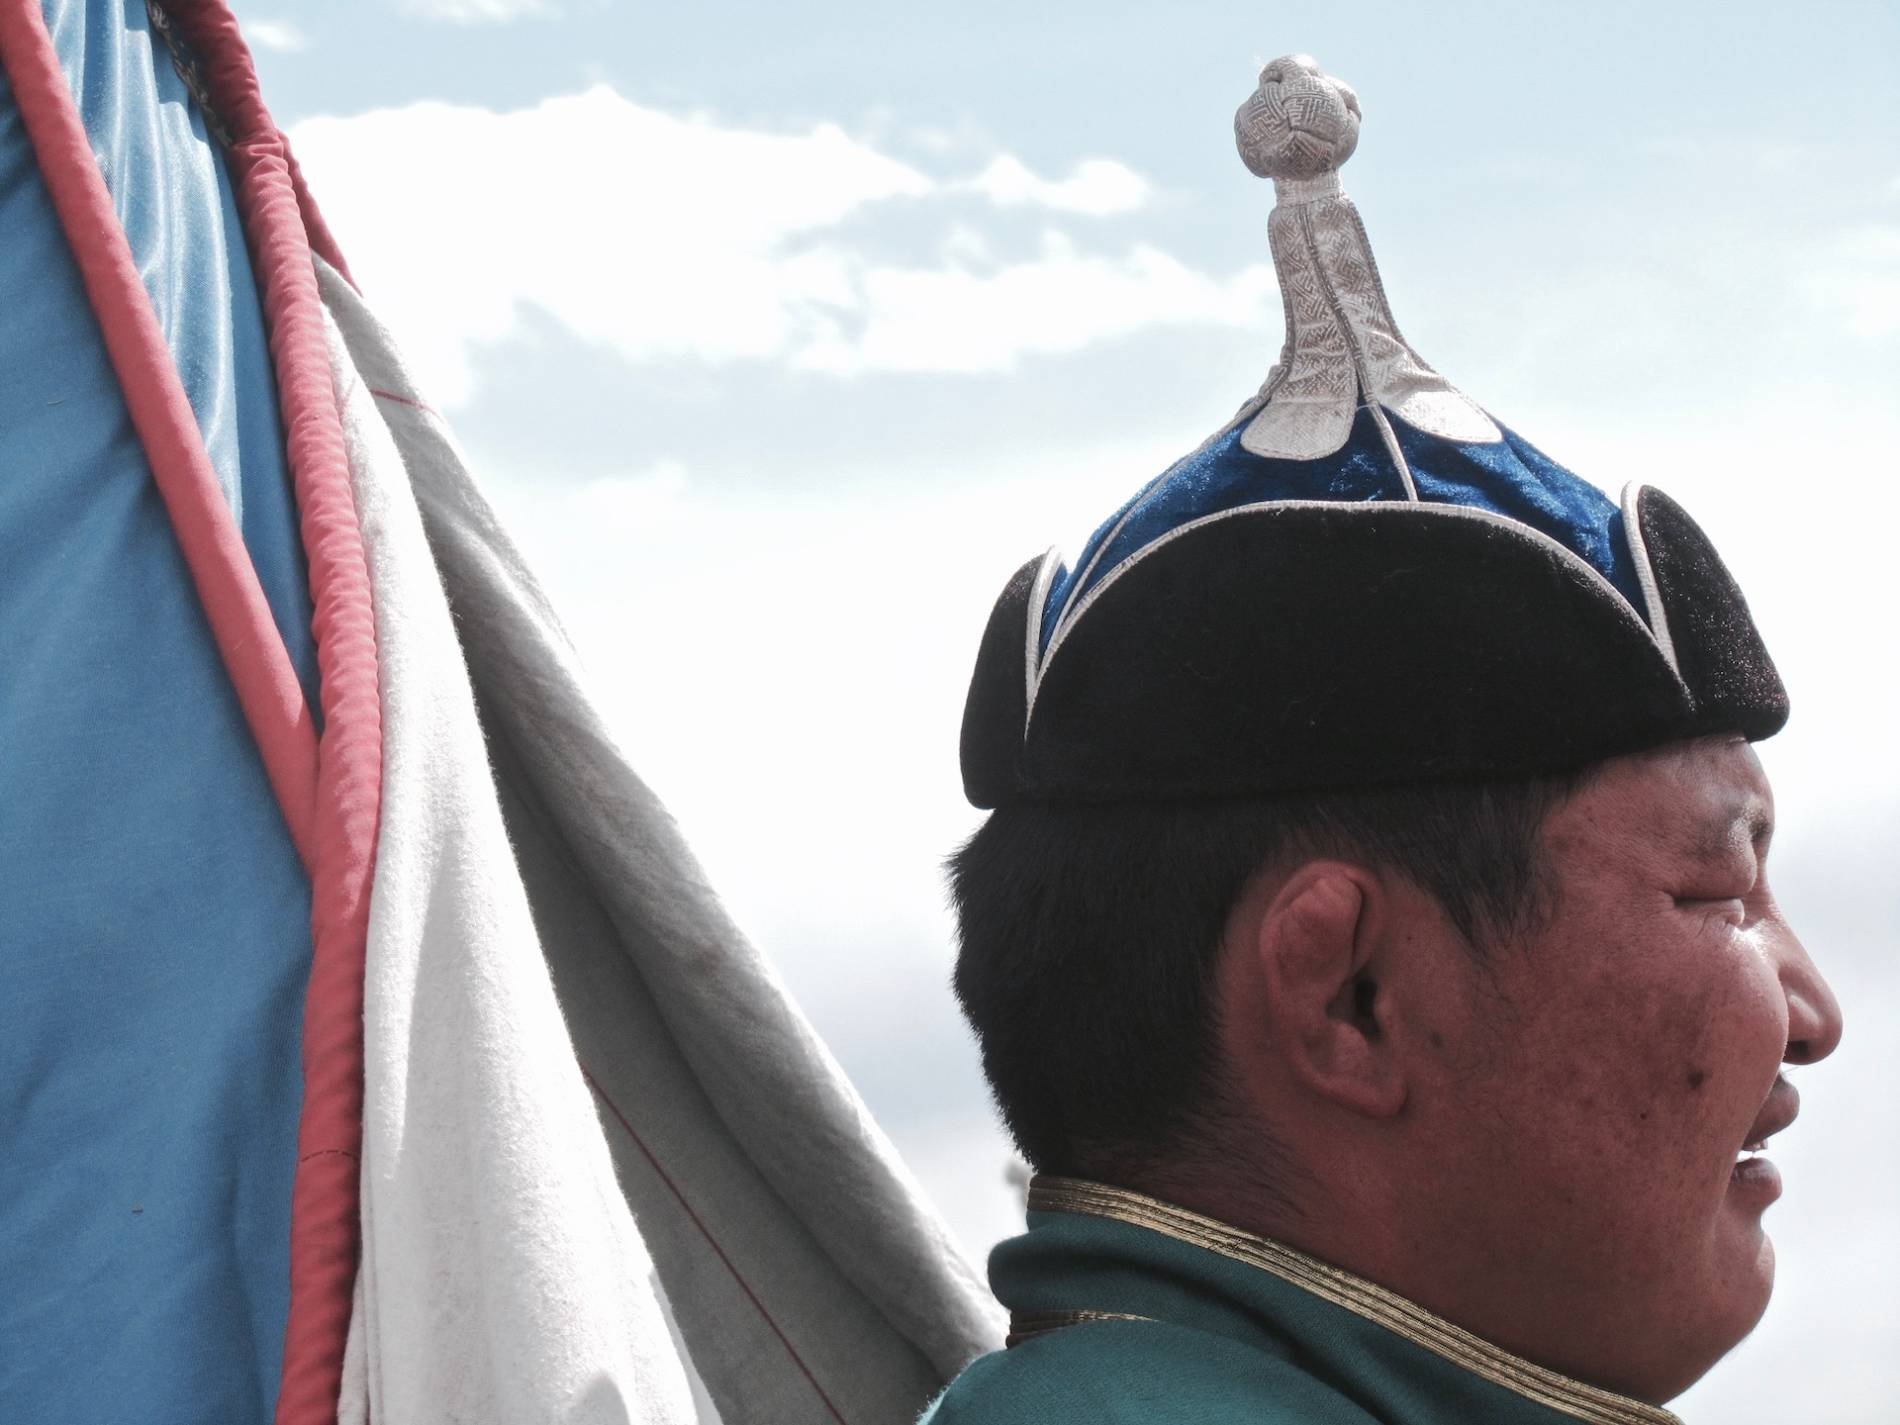 casque lutte mongole